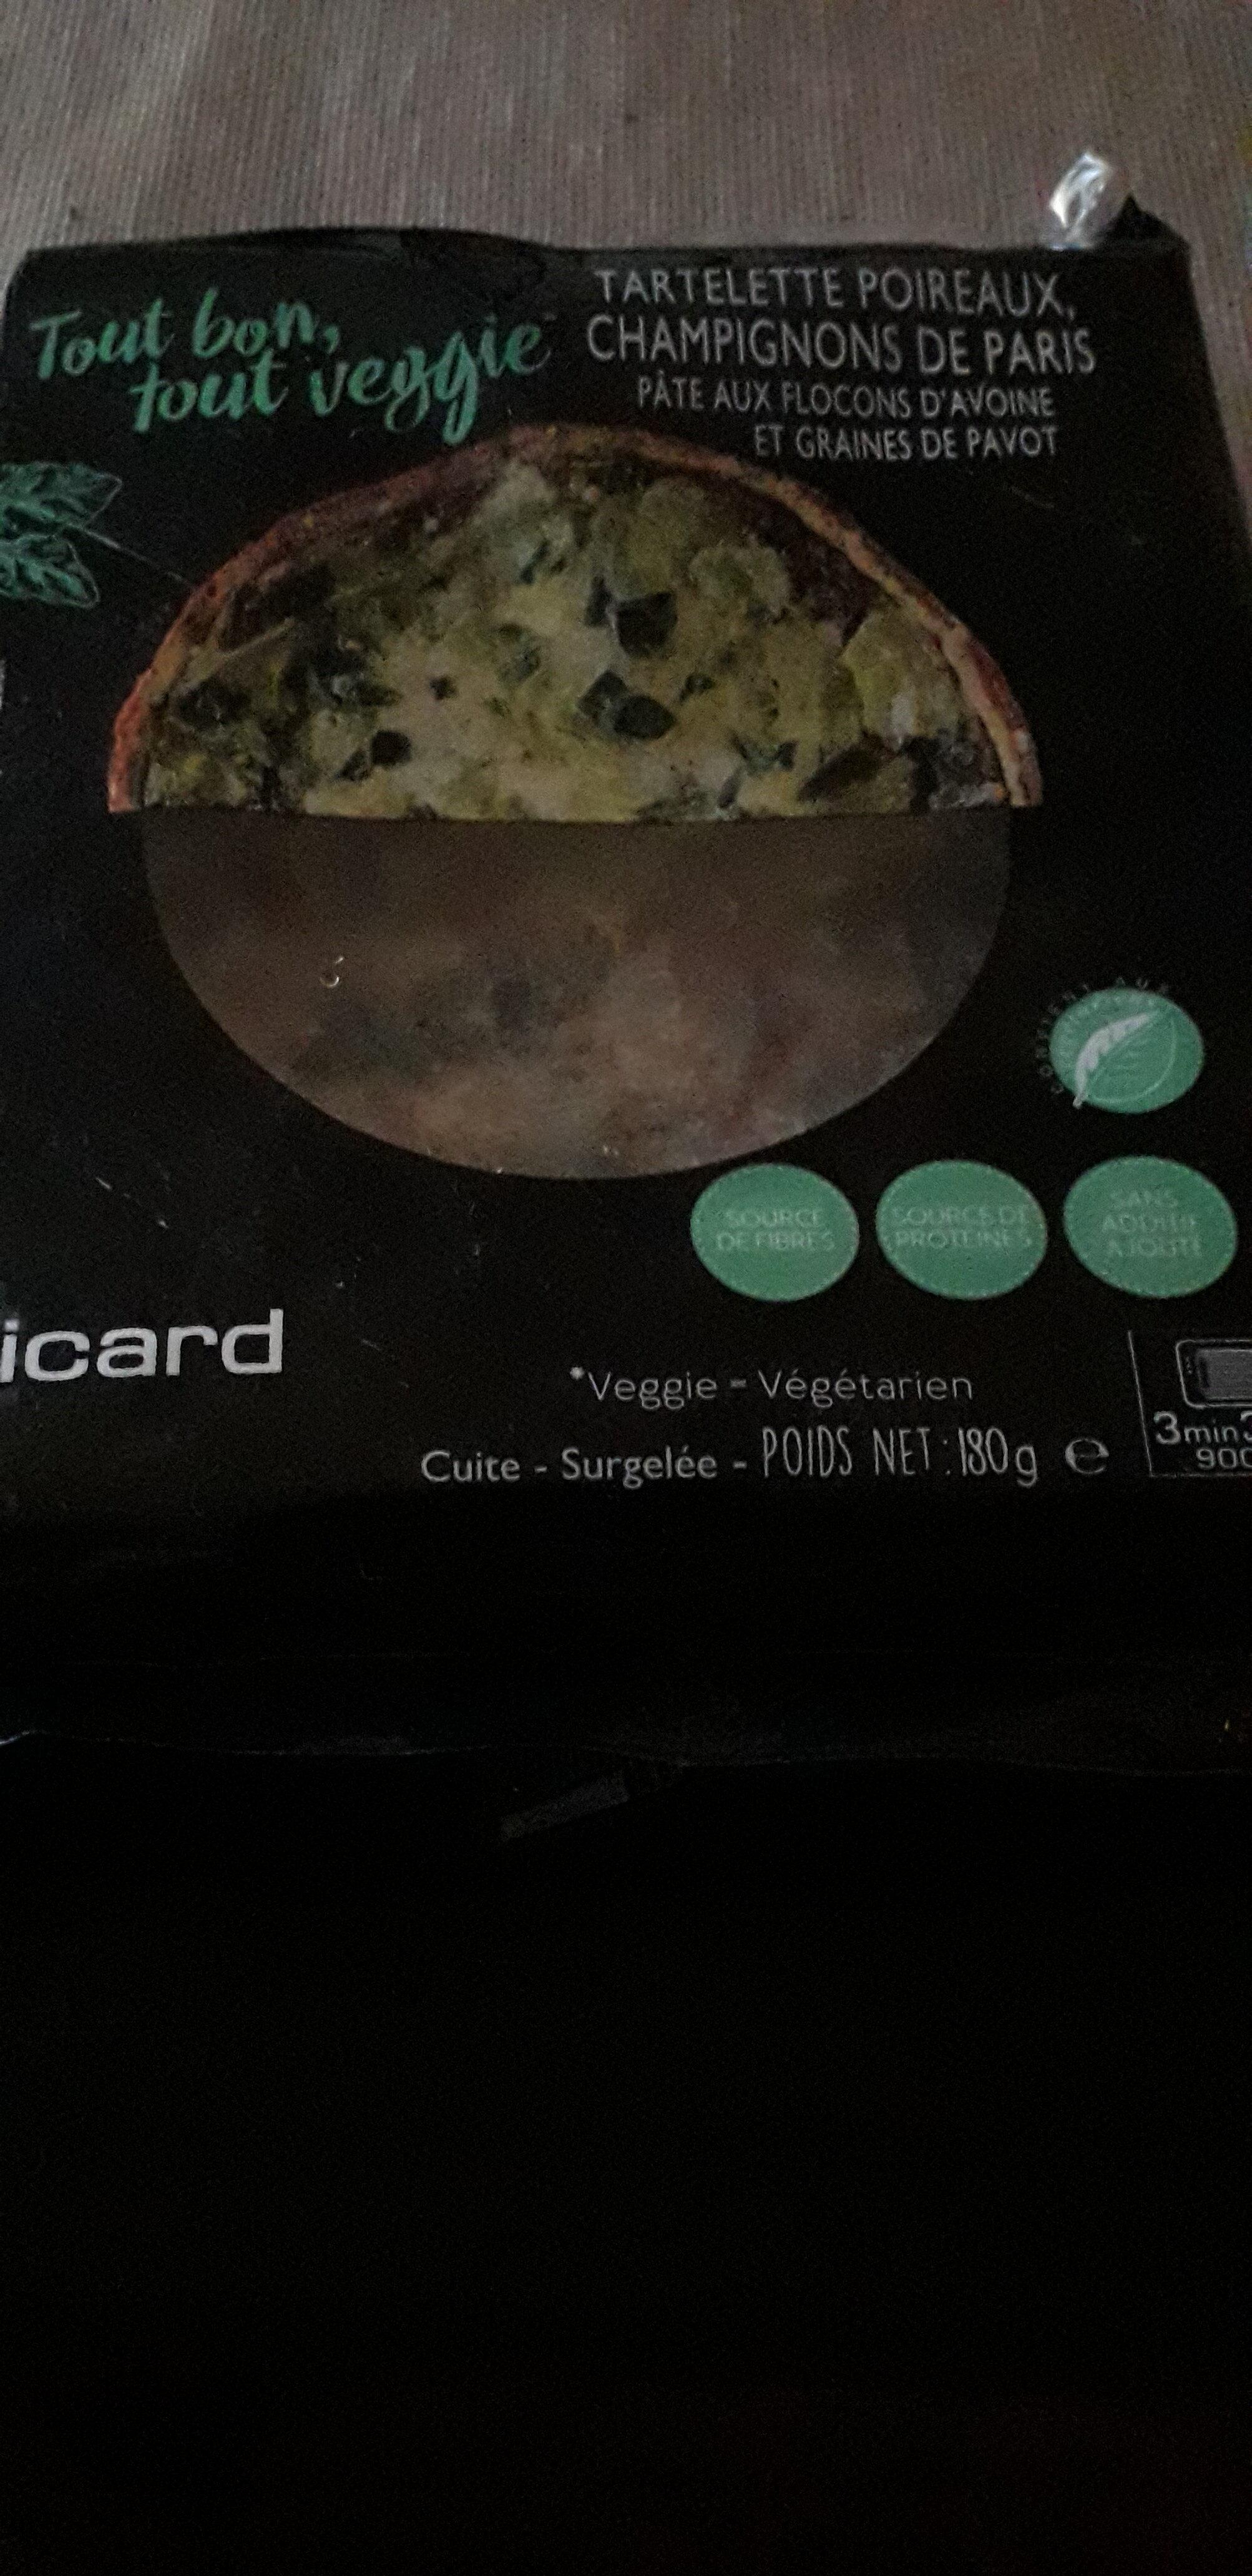 tartelette poireaux champignon de paris - Produit - fr